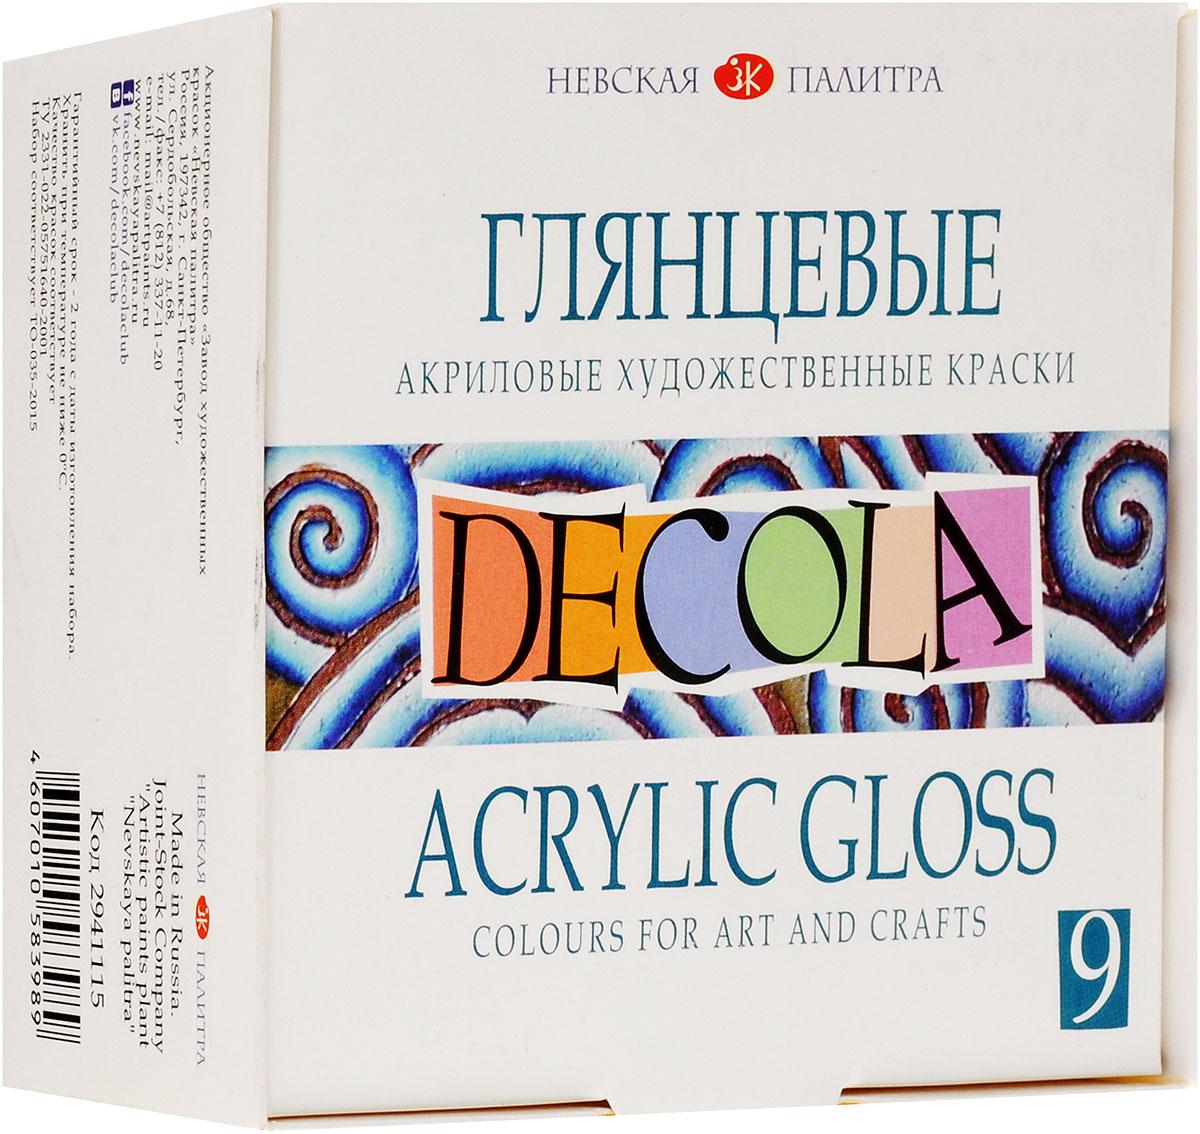 Decola Глянцевые акриловые художественные краски 9 цветовPP-002Краски на основе водной акриловой дисперсии.Они легко наносятся на любую поверхность (бумагу, картон, грунтованный холст, дерево, металл, кожу), обладают высокой укрывистостью, хорошо смешиваются, быстро высыхают. После высыхания краски приобретают однородную глянцевый блеск, не смываются водой.В упаковке краска 9 цветов.